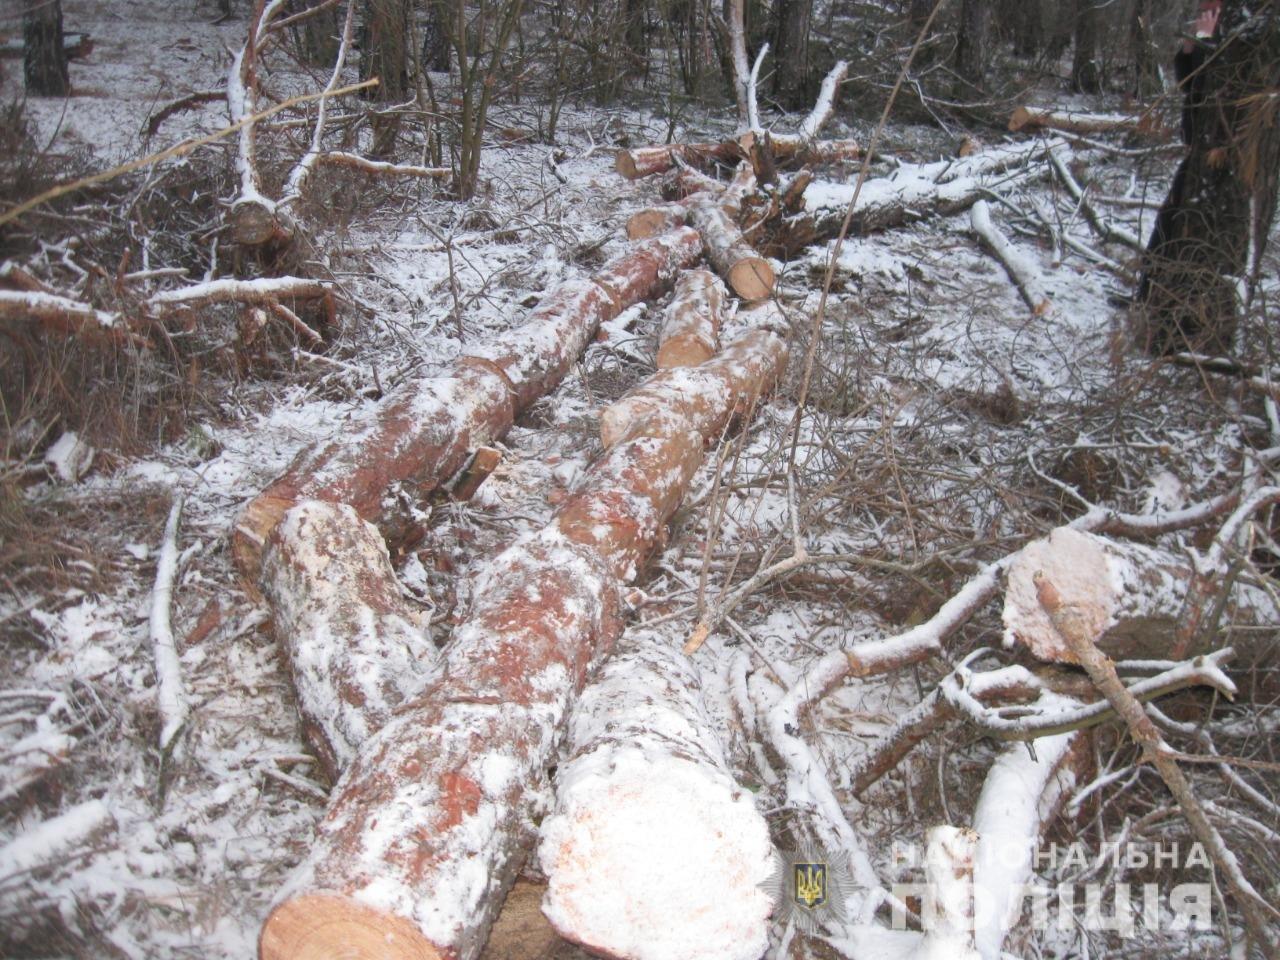 На Днепропетровщине задержали пять браконьеров, незаконно рубивших лес, - ФОТО, фото-1